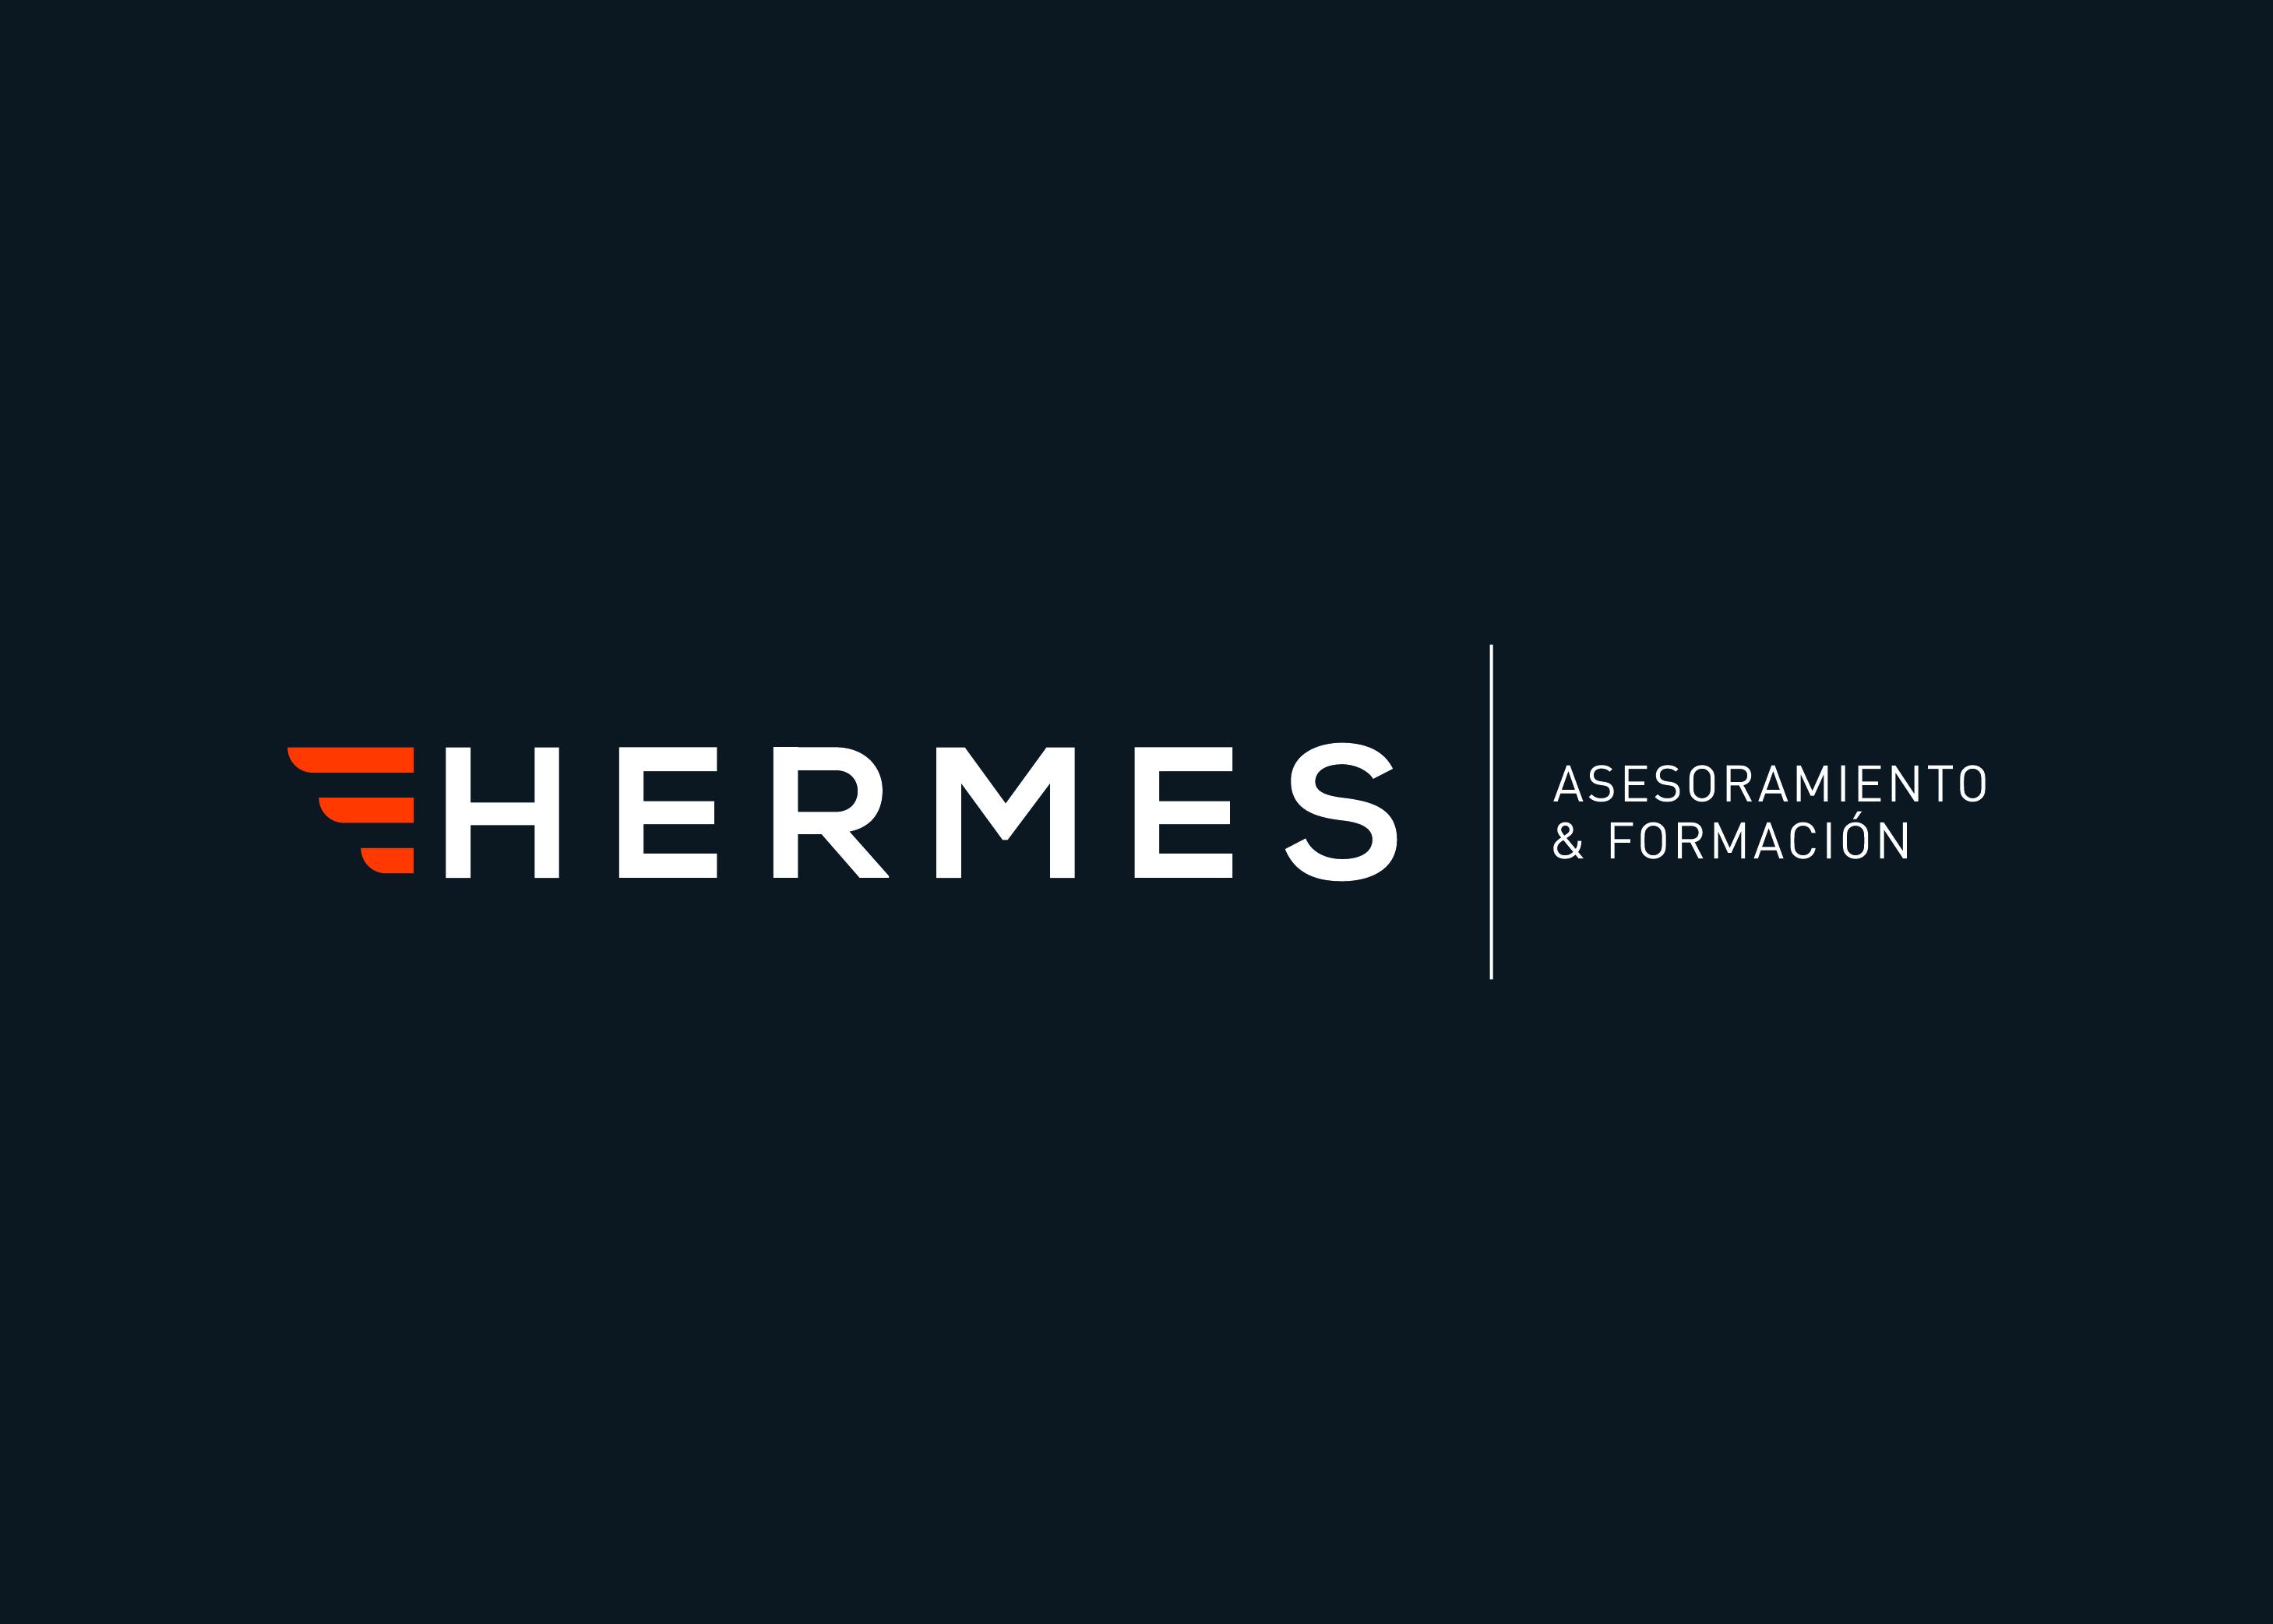 HERMES_2_300ppp